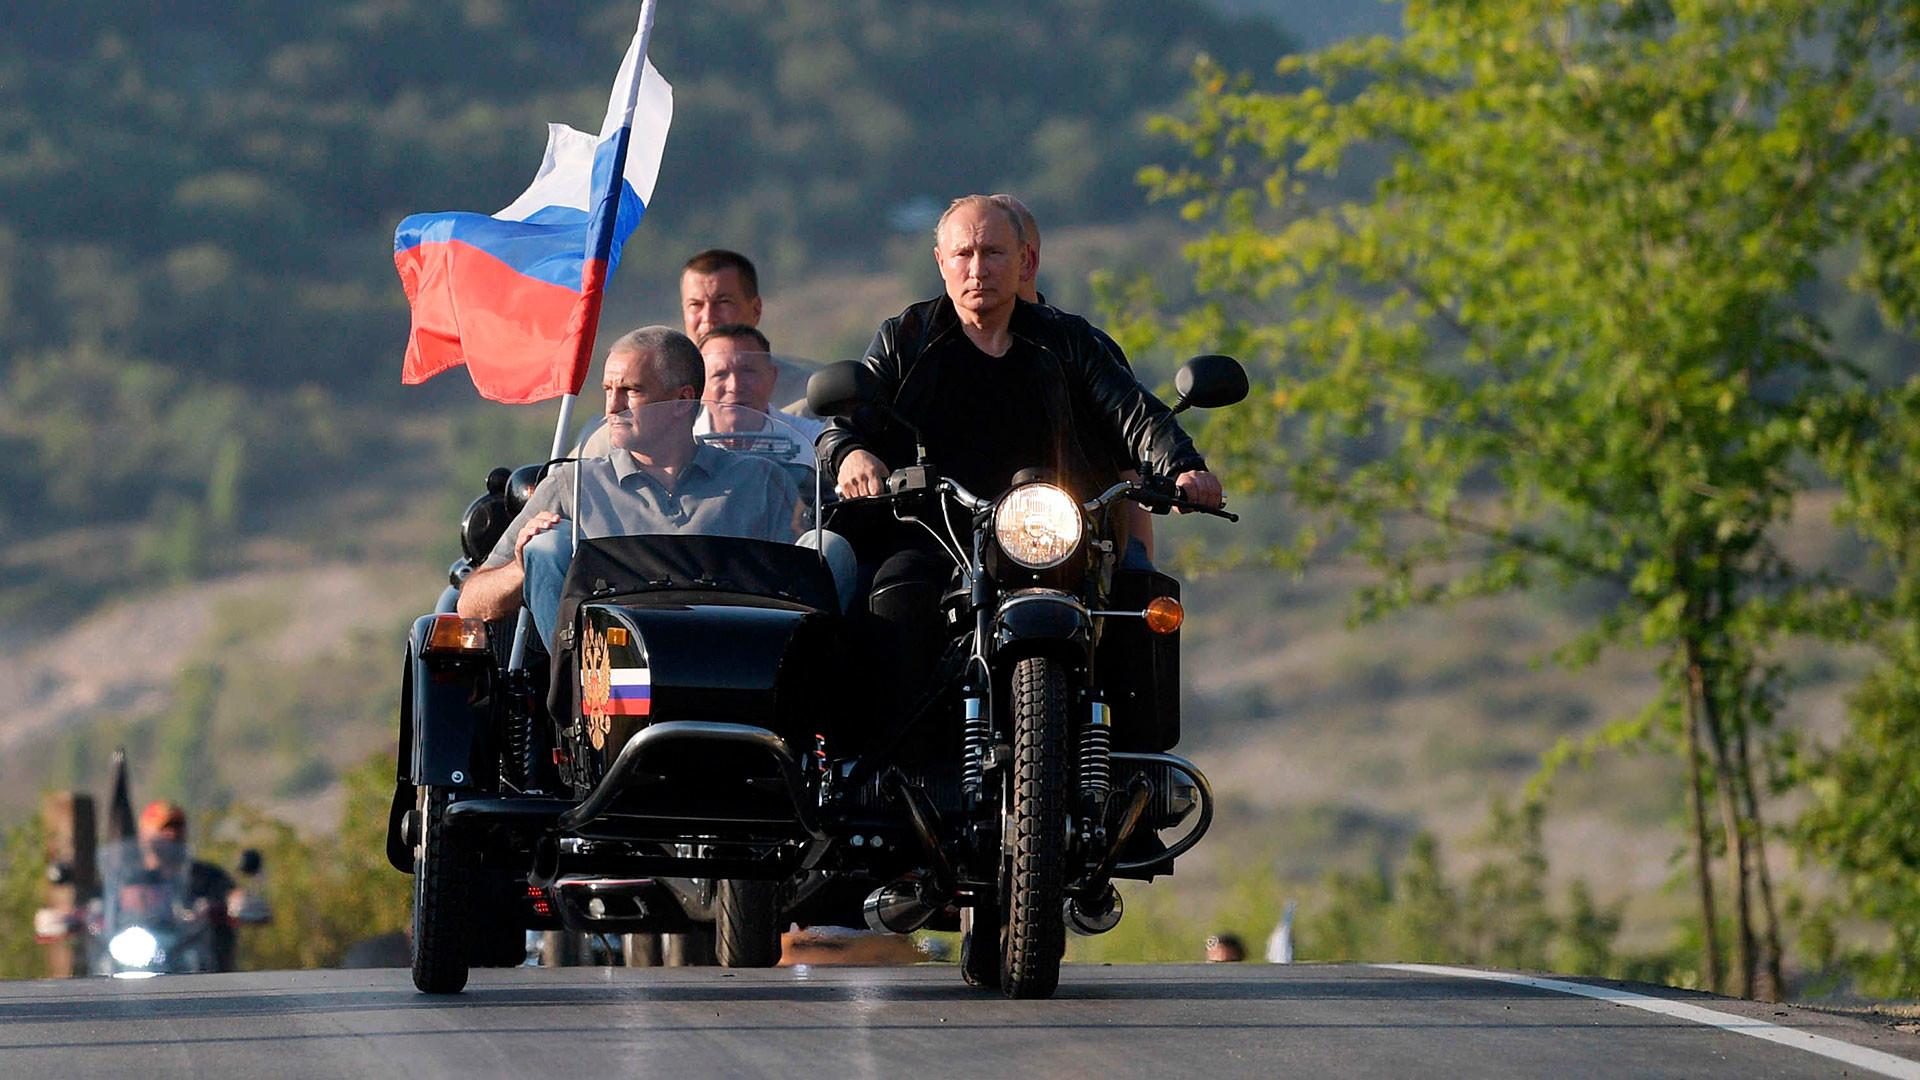 """10 agosto 2019, il presidente russo Vladimir Putin, in sella a una moto Ural, partecipa a un incontro internazionale organizzato dal club di motociclisti """"I lupi della notte"""" a Sebastopoli"""